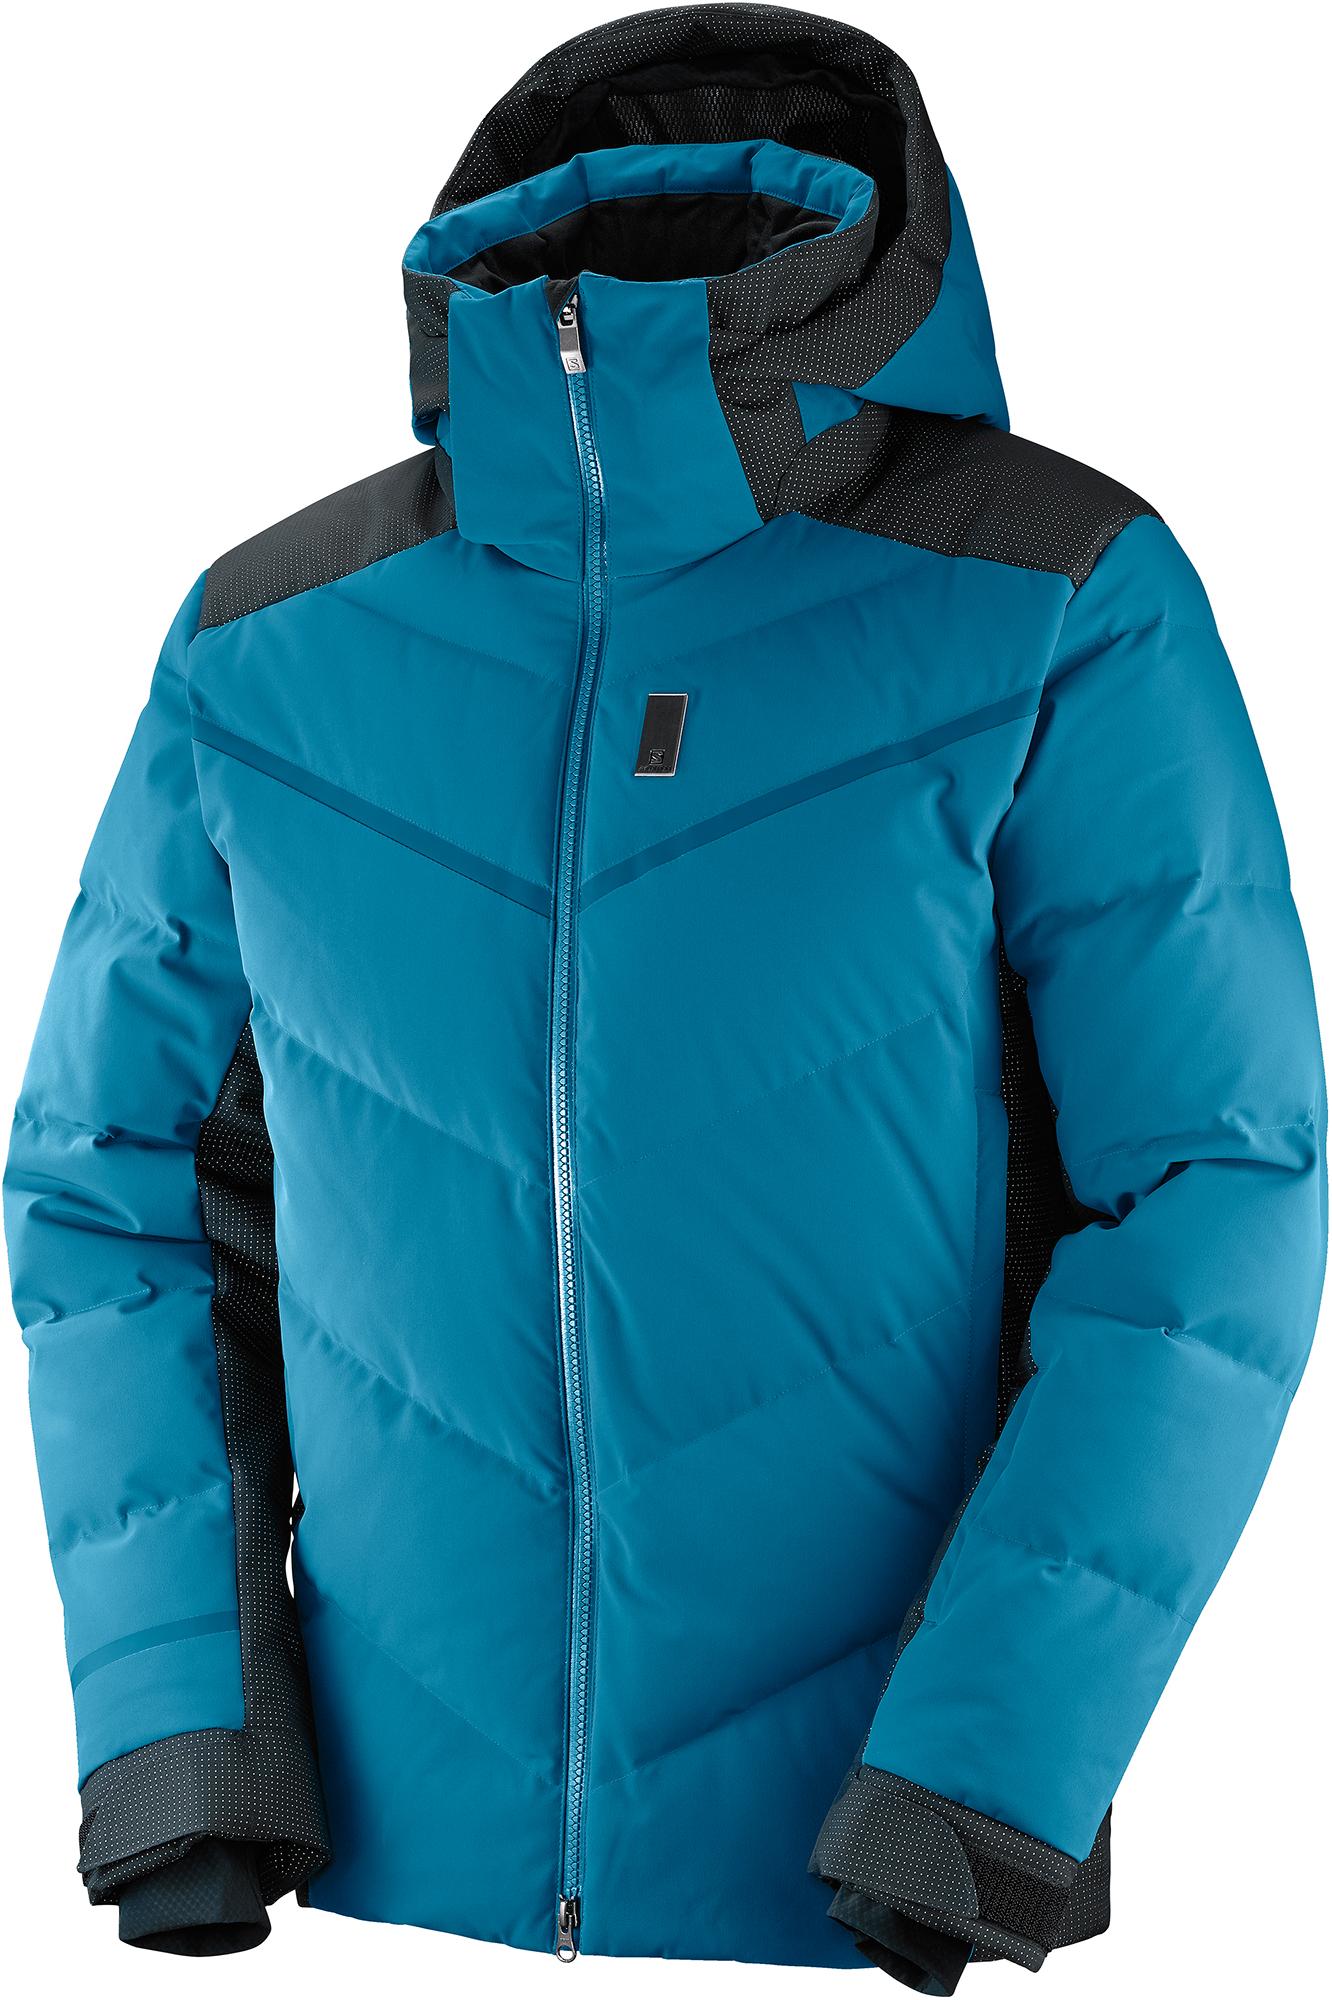 все цены на Salomon Куртка пуховая мужская Salomon Whitebreeze Down, размер 50-52 онлайн